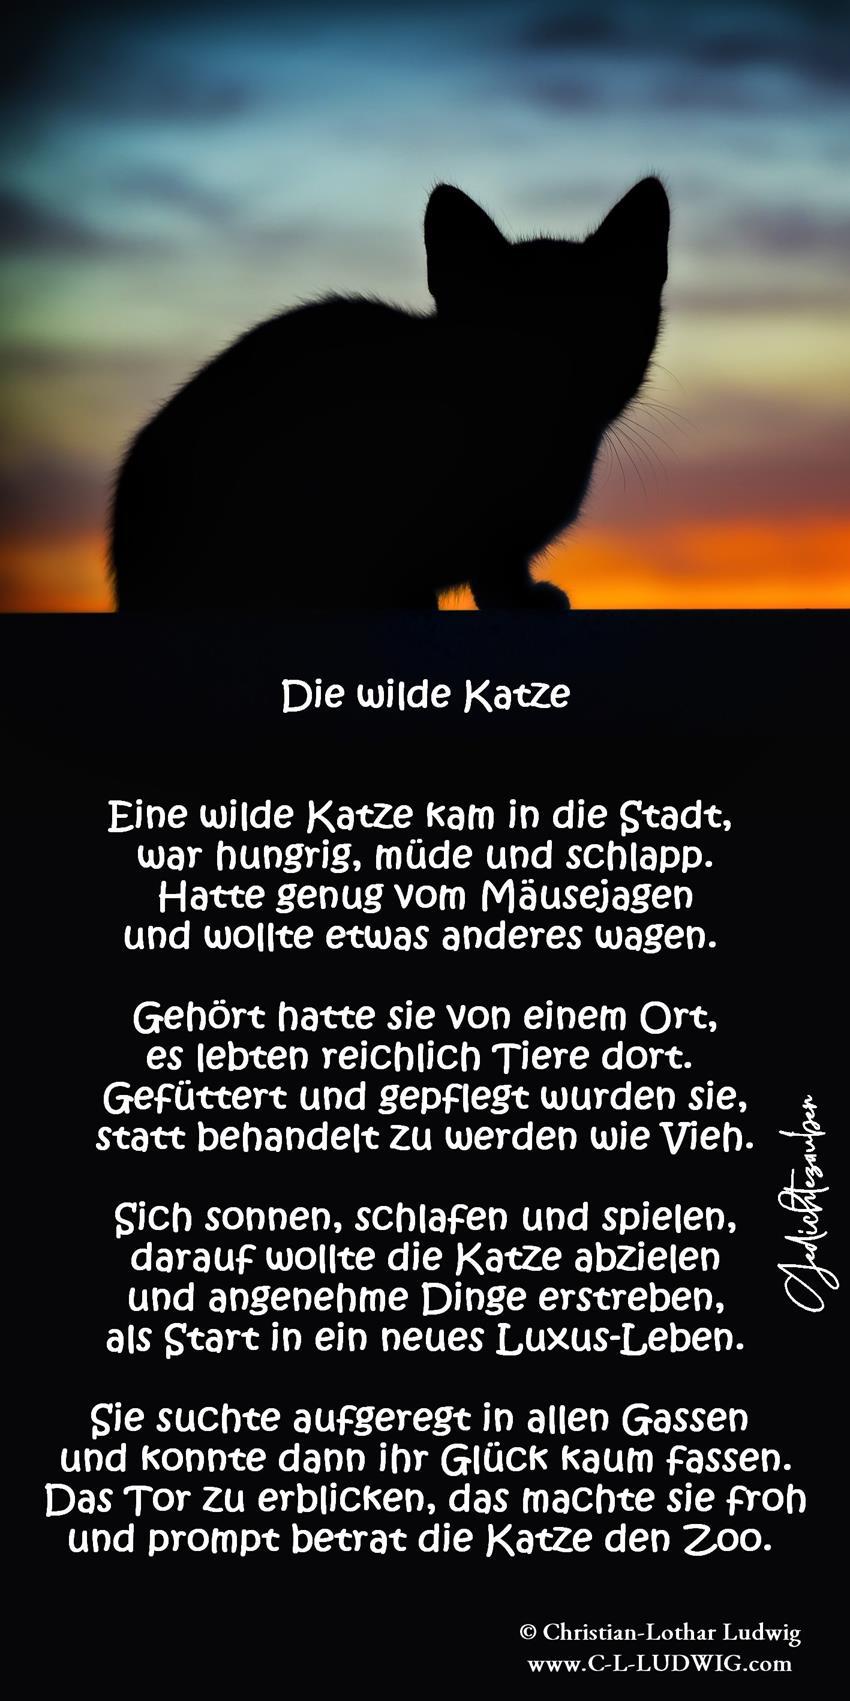 Die wilde Katze (Copy)